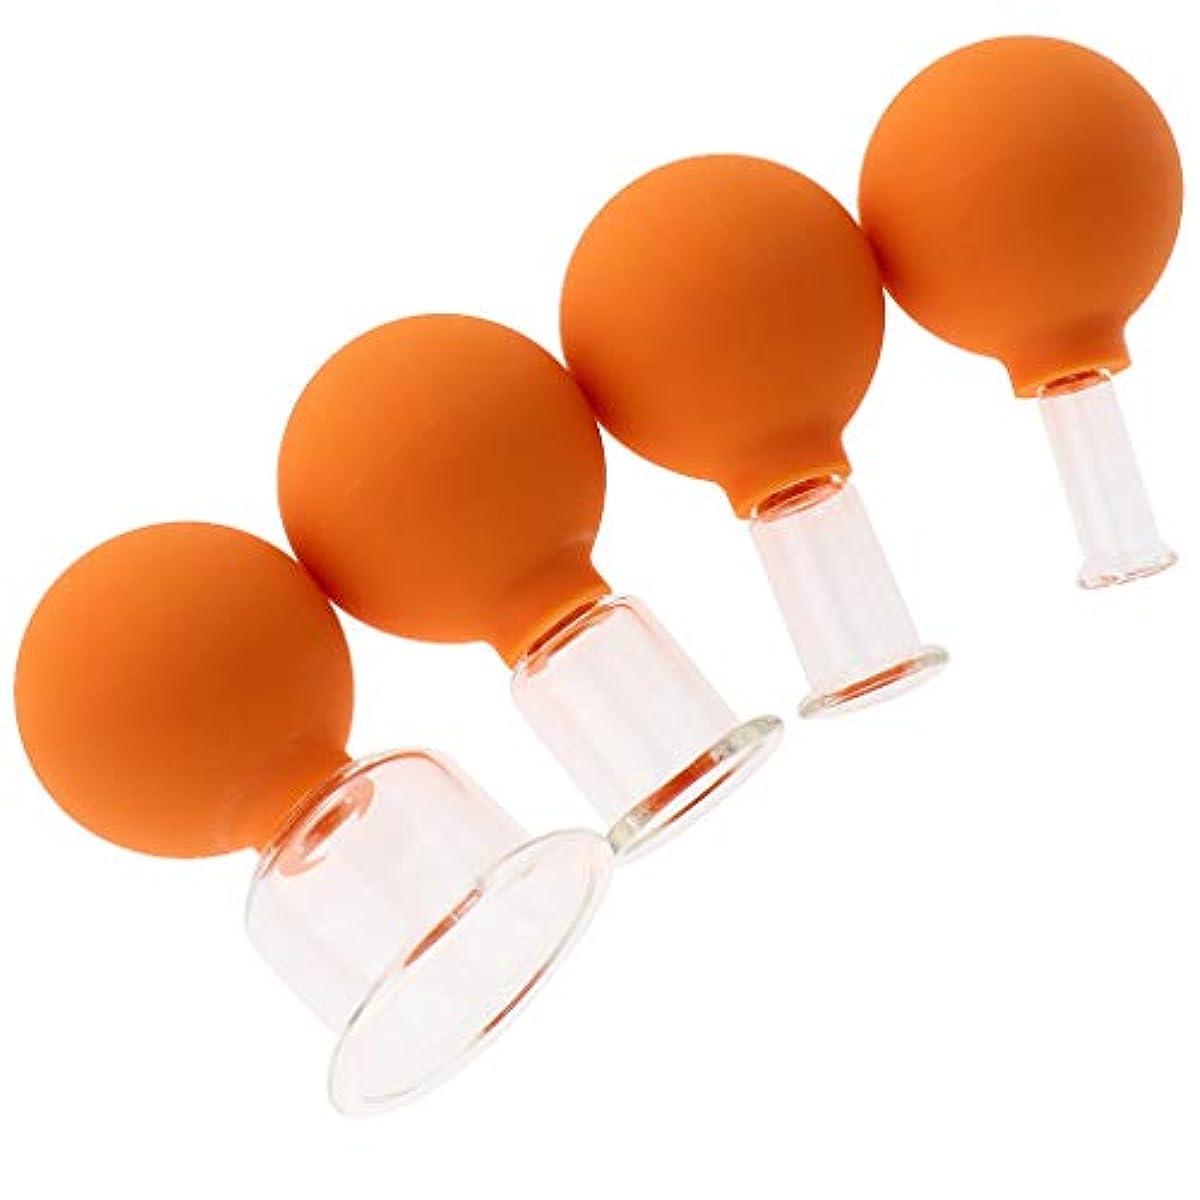 掻く詐欺プログラムKESOTO 4個 マッサージ吸い玉 カッピングカップ ガラスカッピング 真空 男女兼用 実用的 全3色 - オレンジ